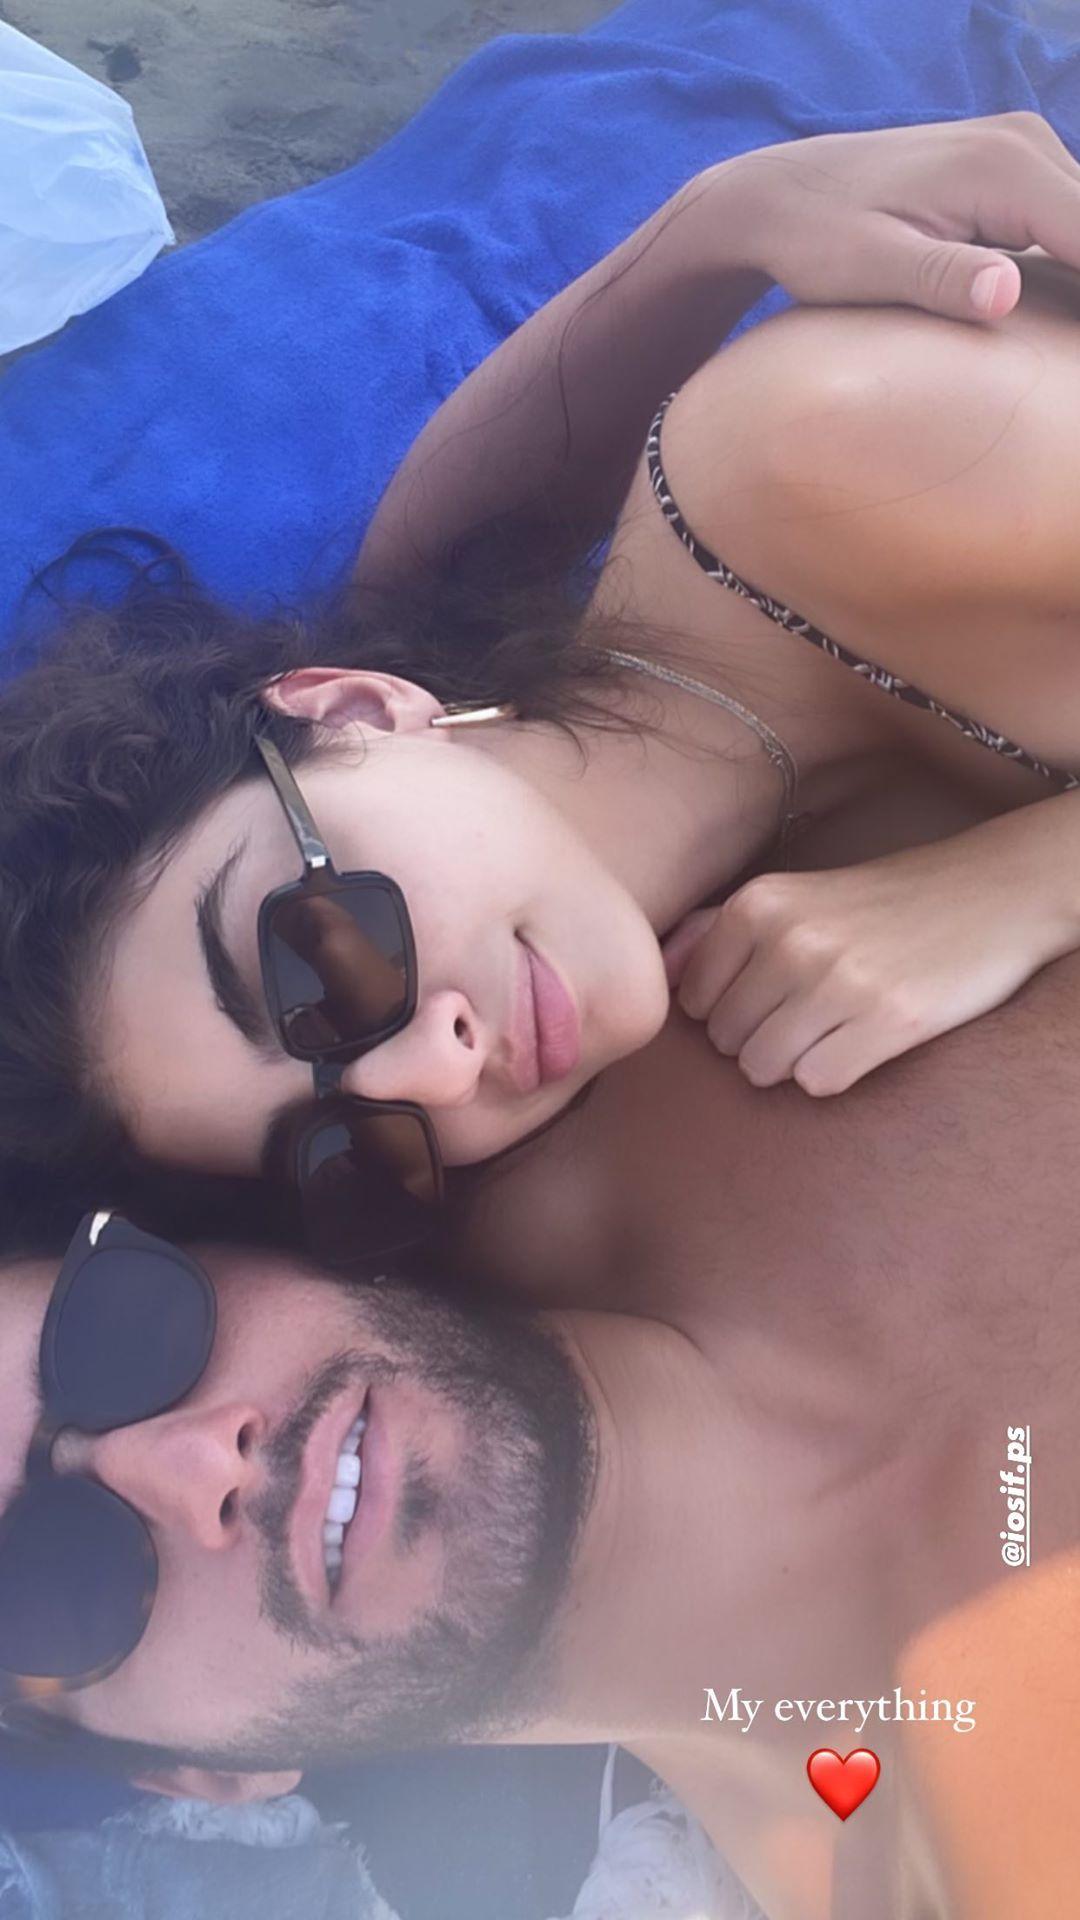 Η Ειρήνη Καζαριάν είναι ερωτευμένη! Η πρώτη φωτογραφία με τον σύντροφό της